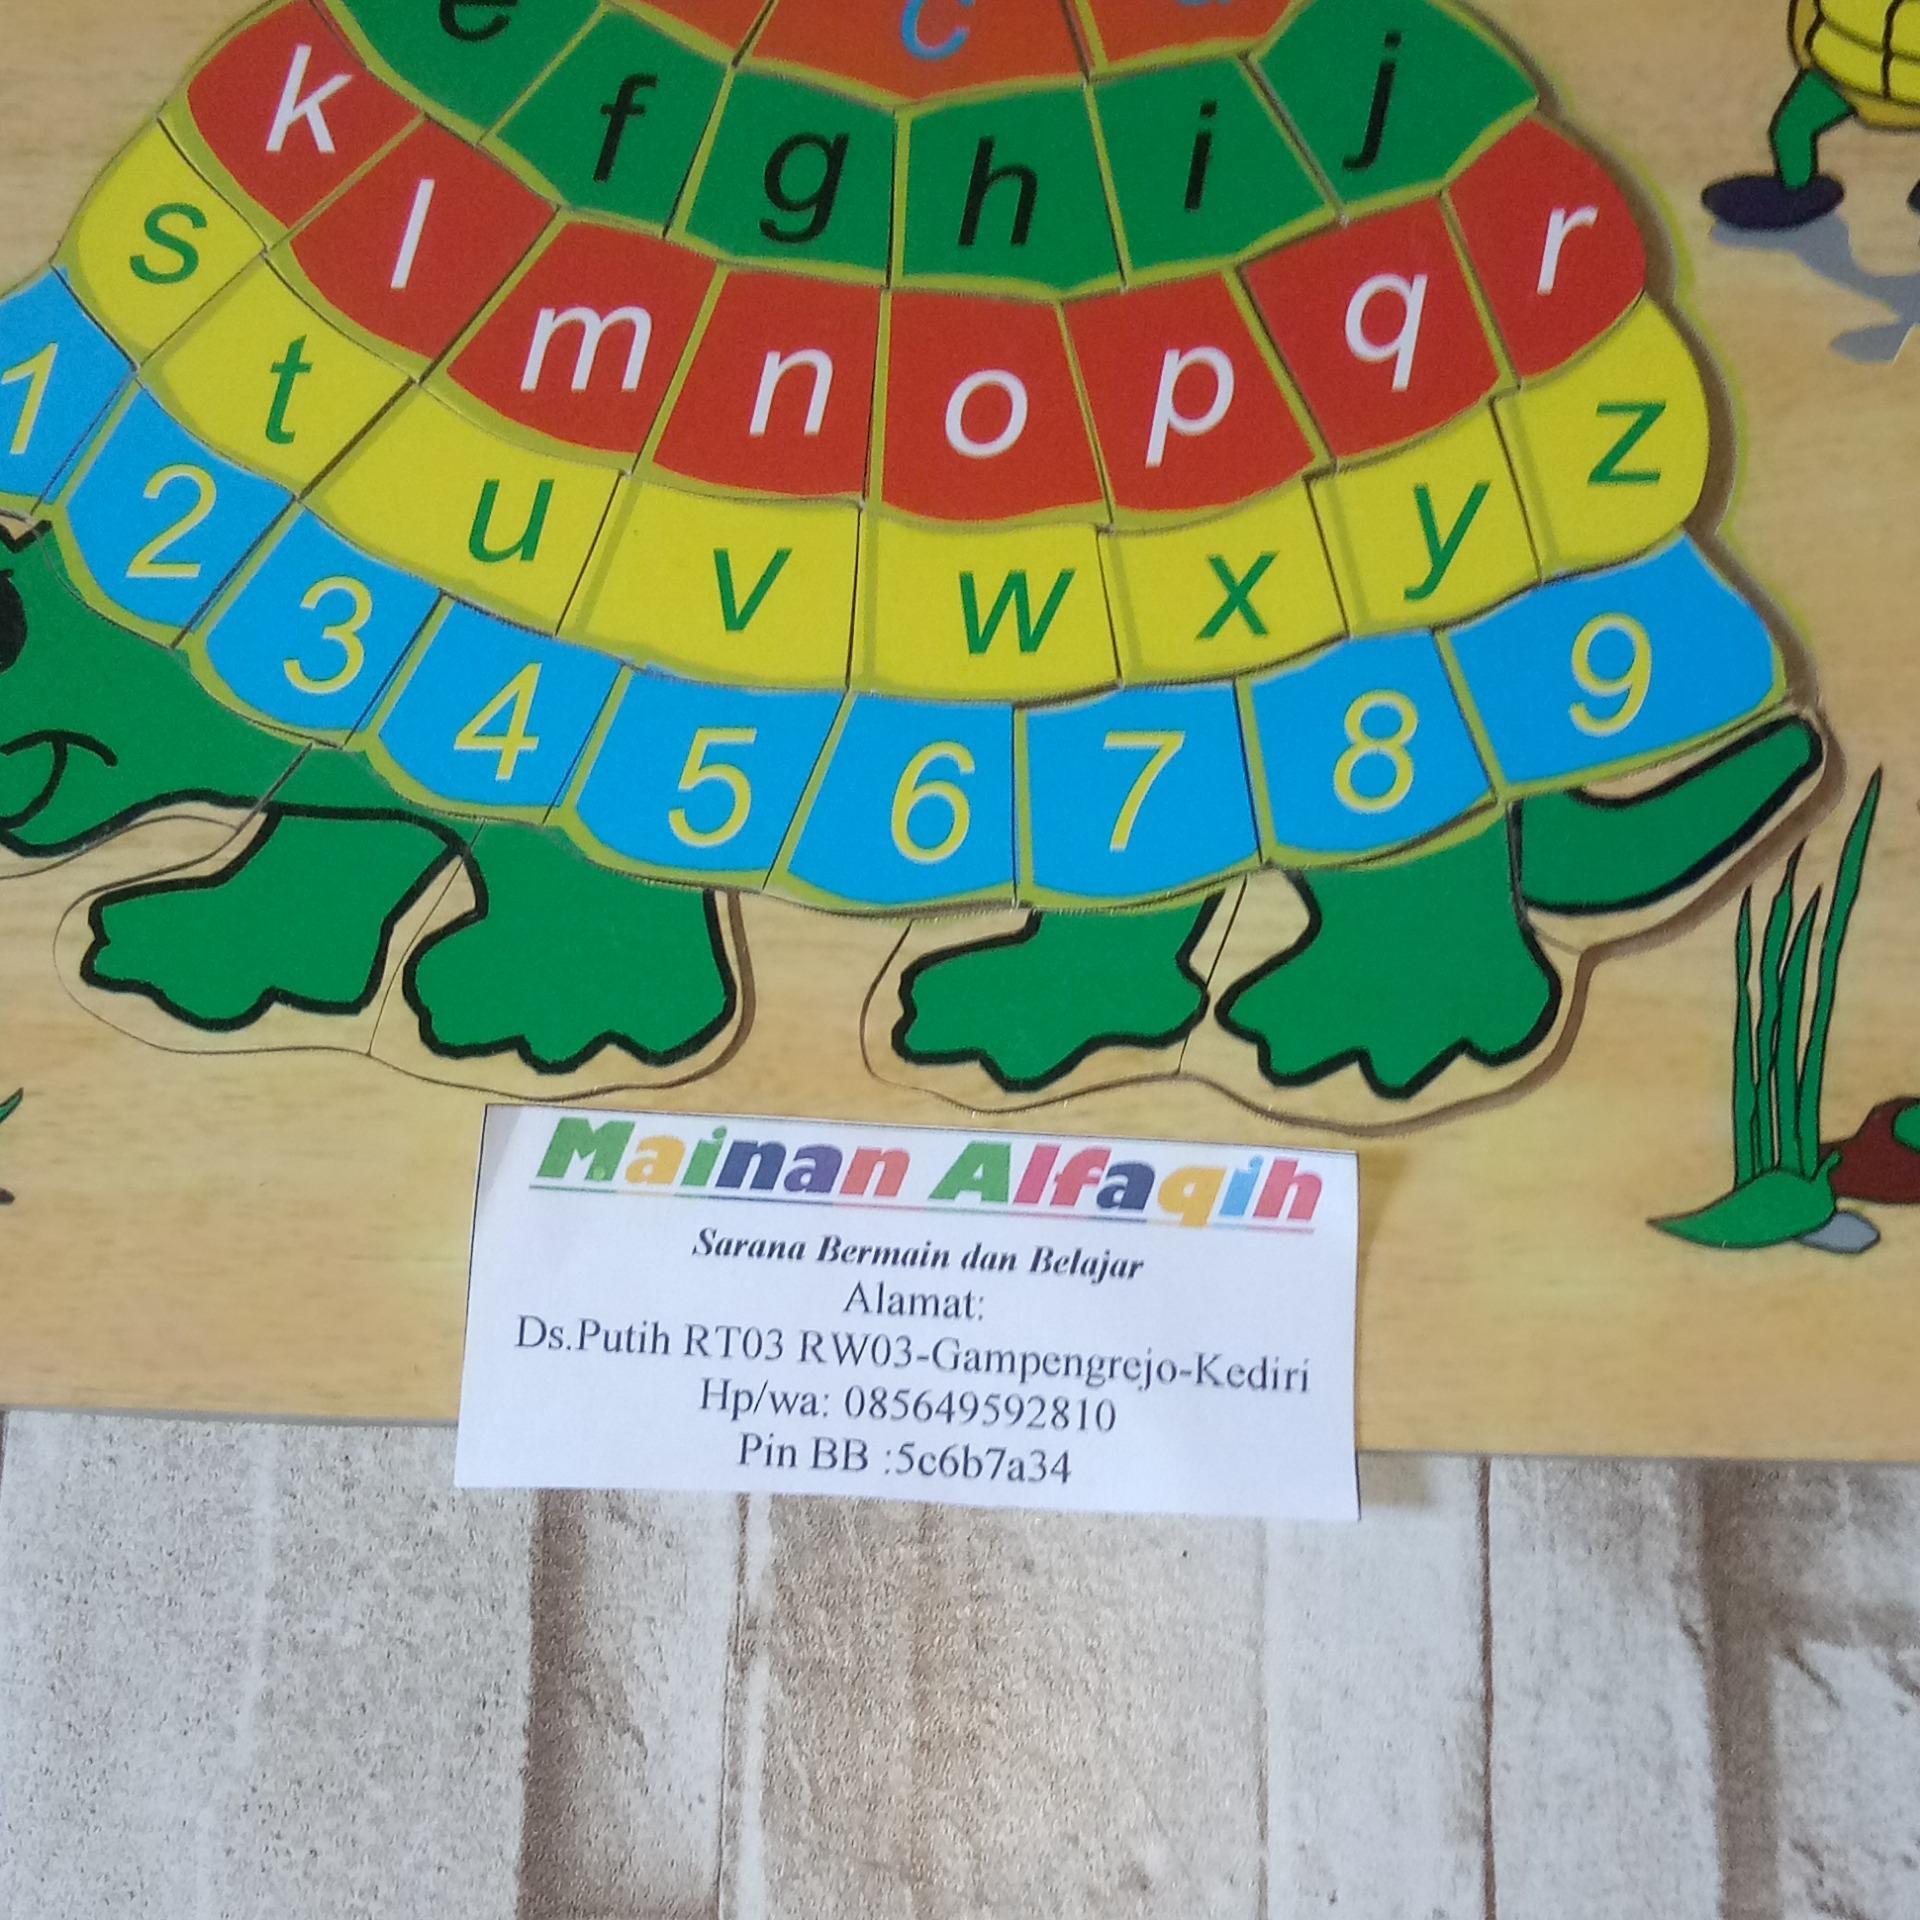 Mainan Edukatif Edukasi Puzzle Spon Huruf Dan Angka Update Daftar Evamat Spons Kecil 4x4cm Mainanalfaqih Anak Kura